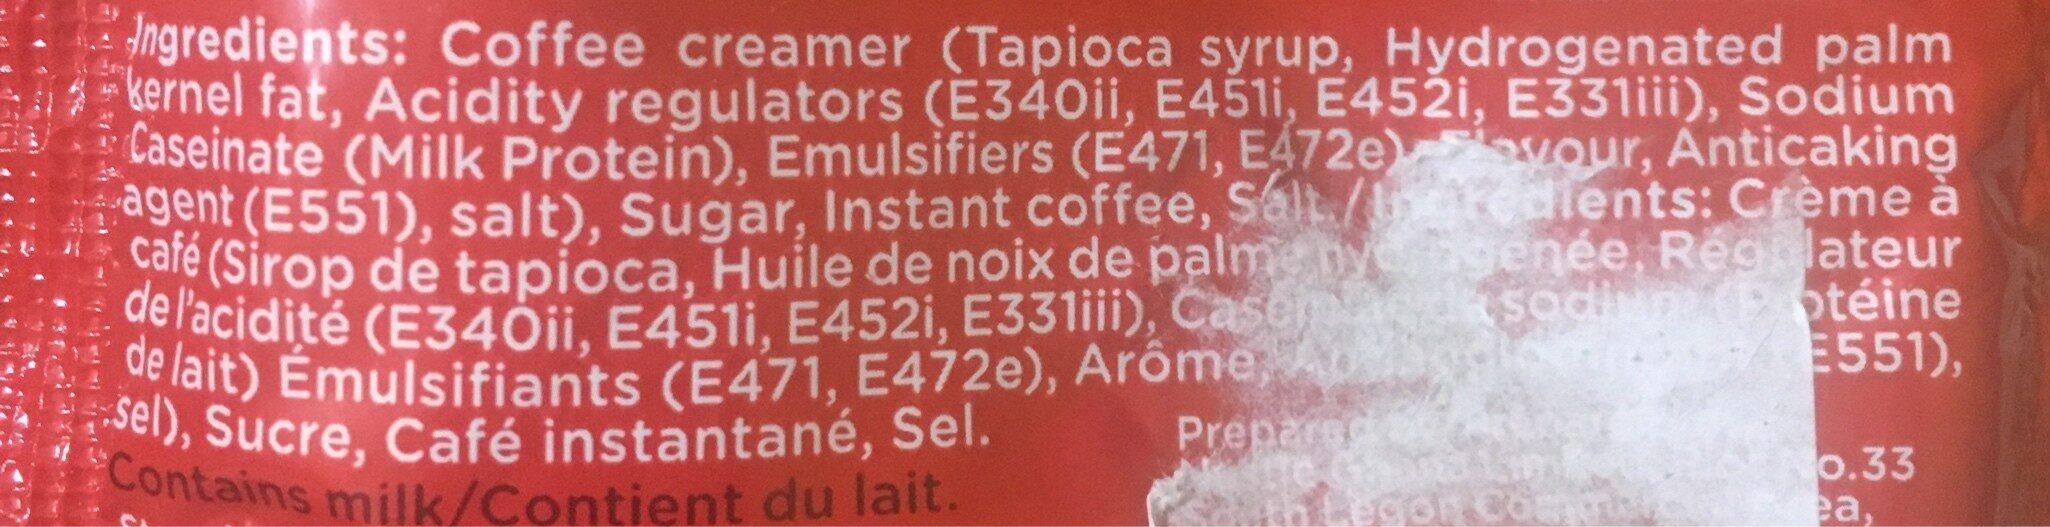 Nescafe Breakfast 3in1 32G - Ingrediënten - fr